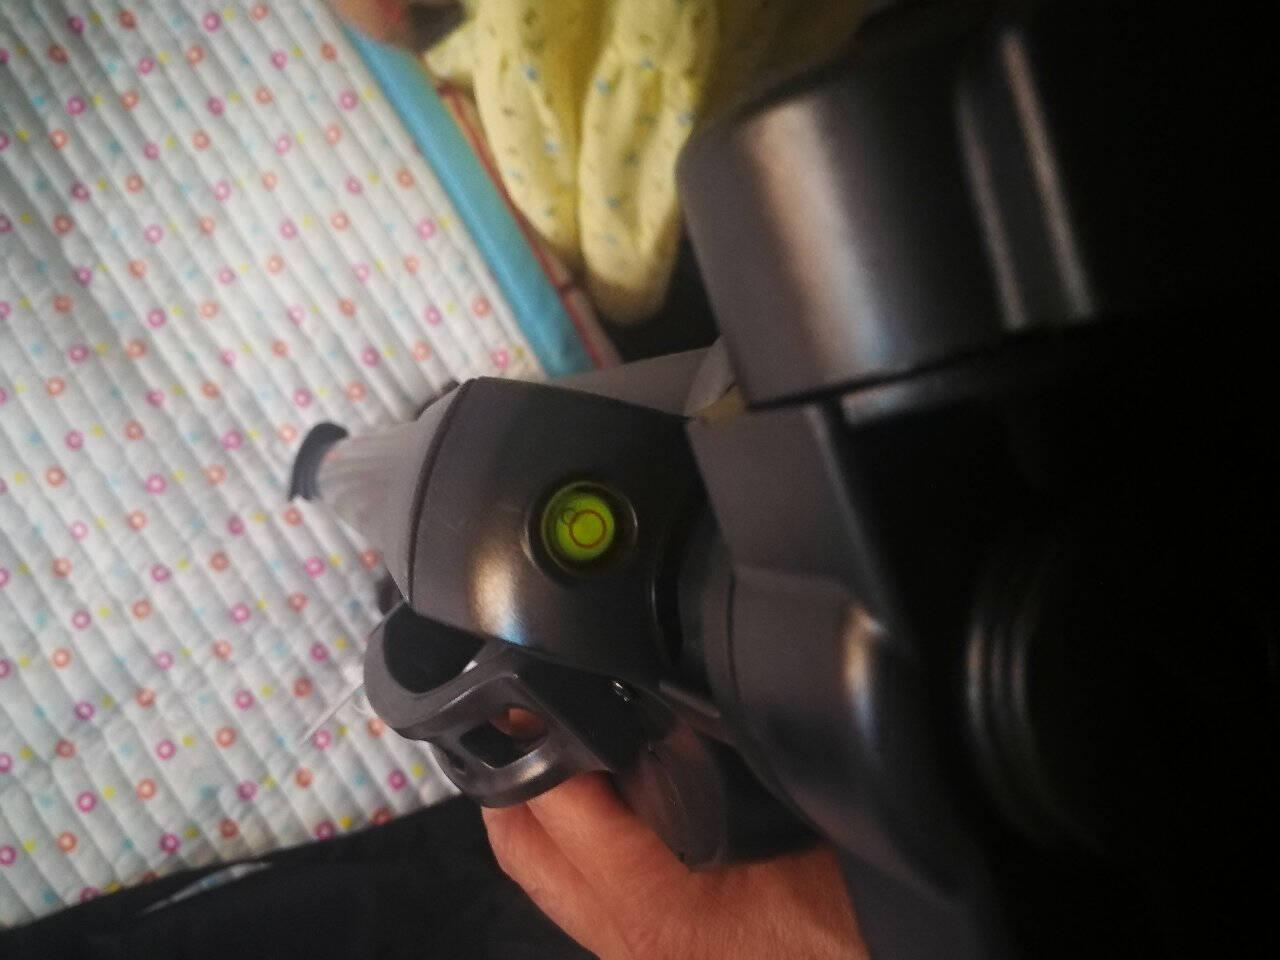 伟峰WEIFENGWT-3560数码相机/微单/单反脚架铝合金轻便三脚架摄影摄像手机自拍直播户外投影仪支架